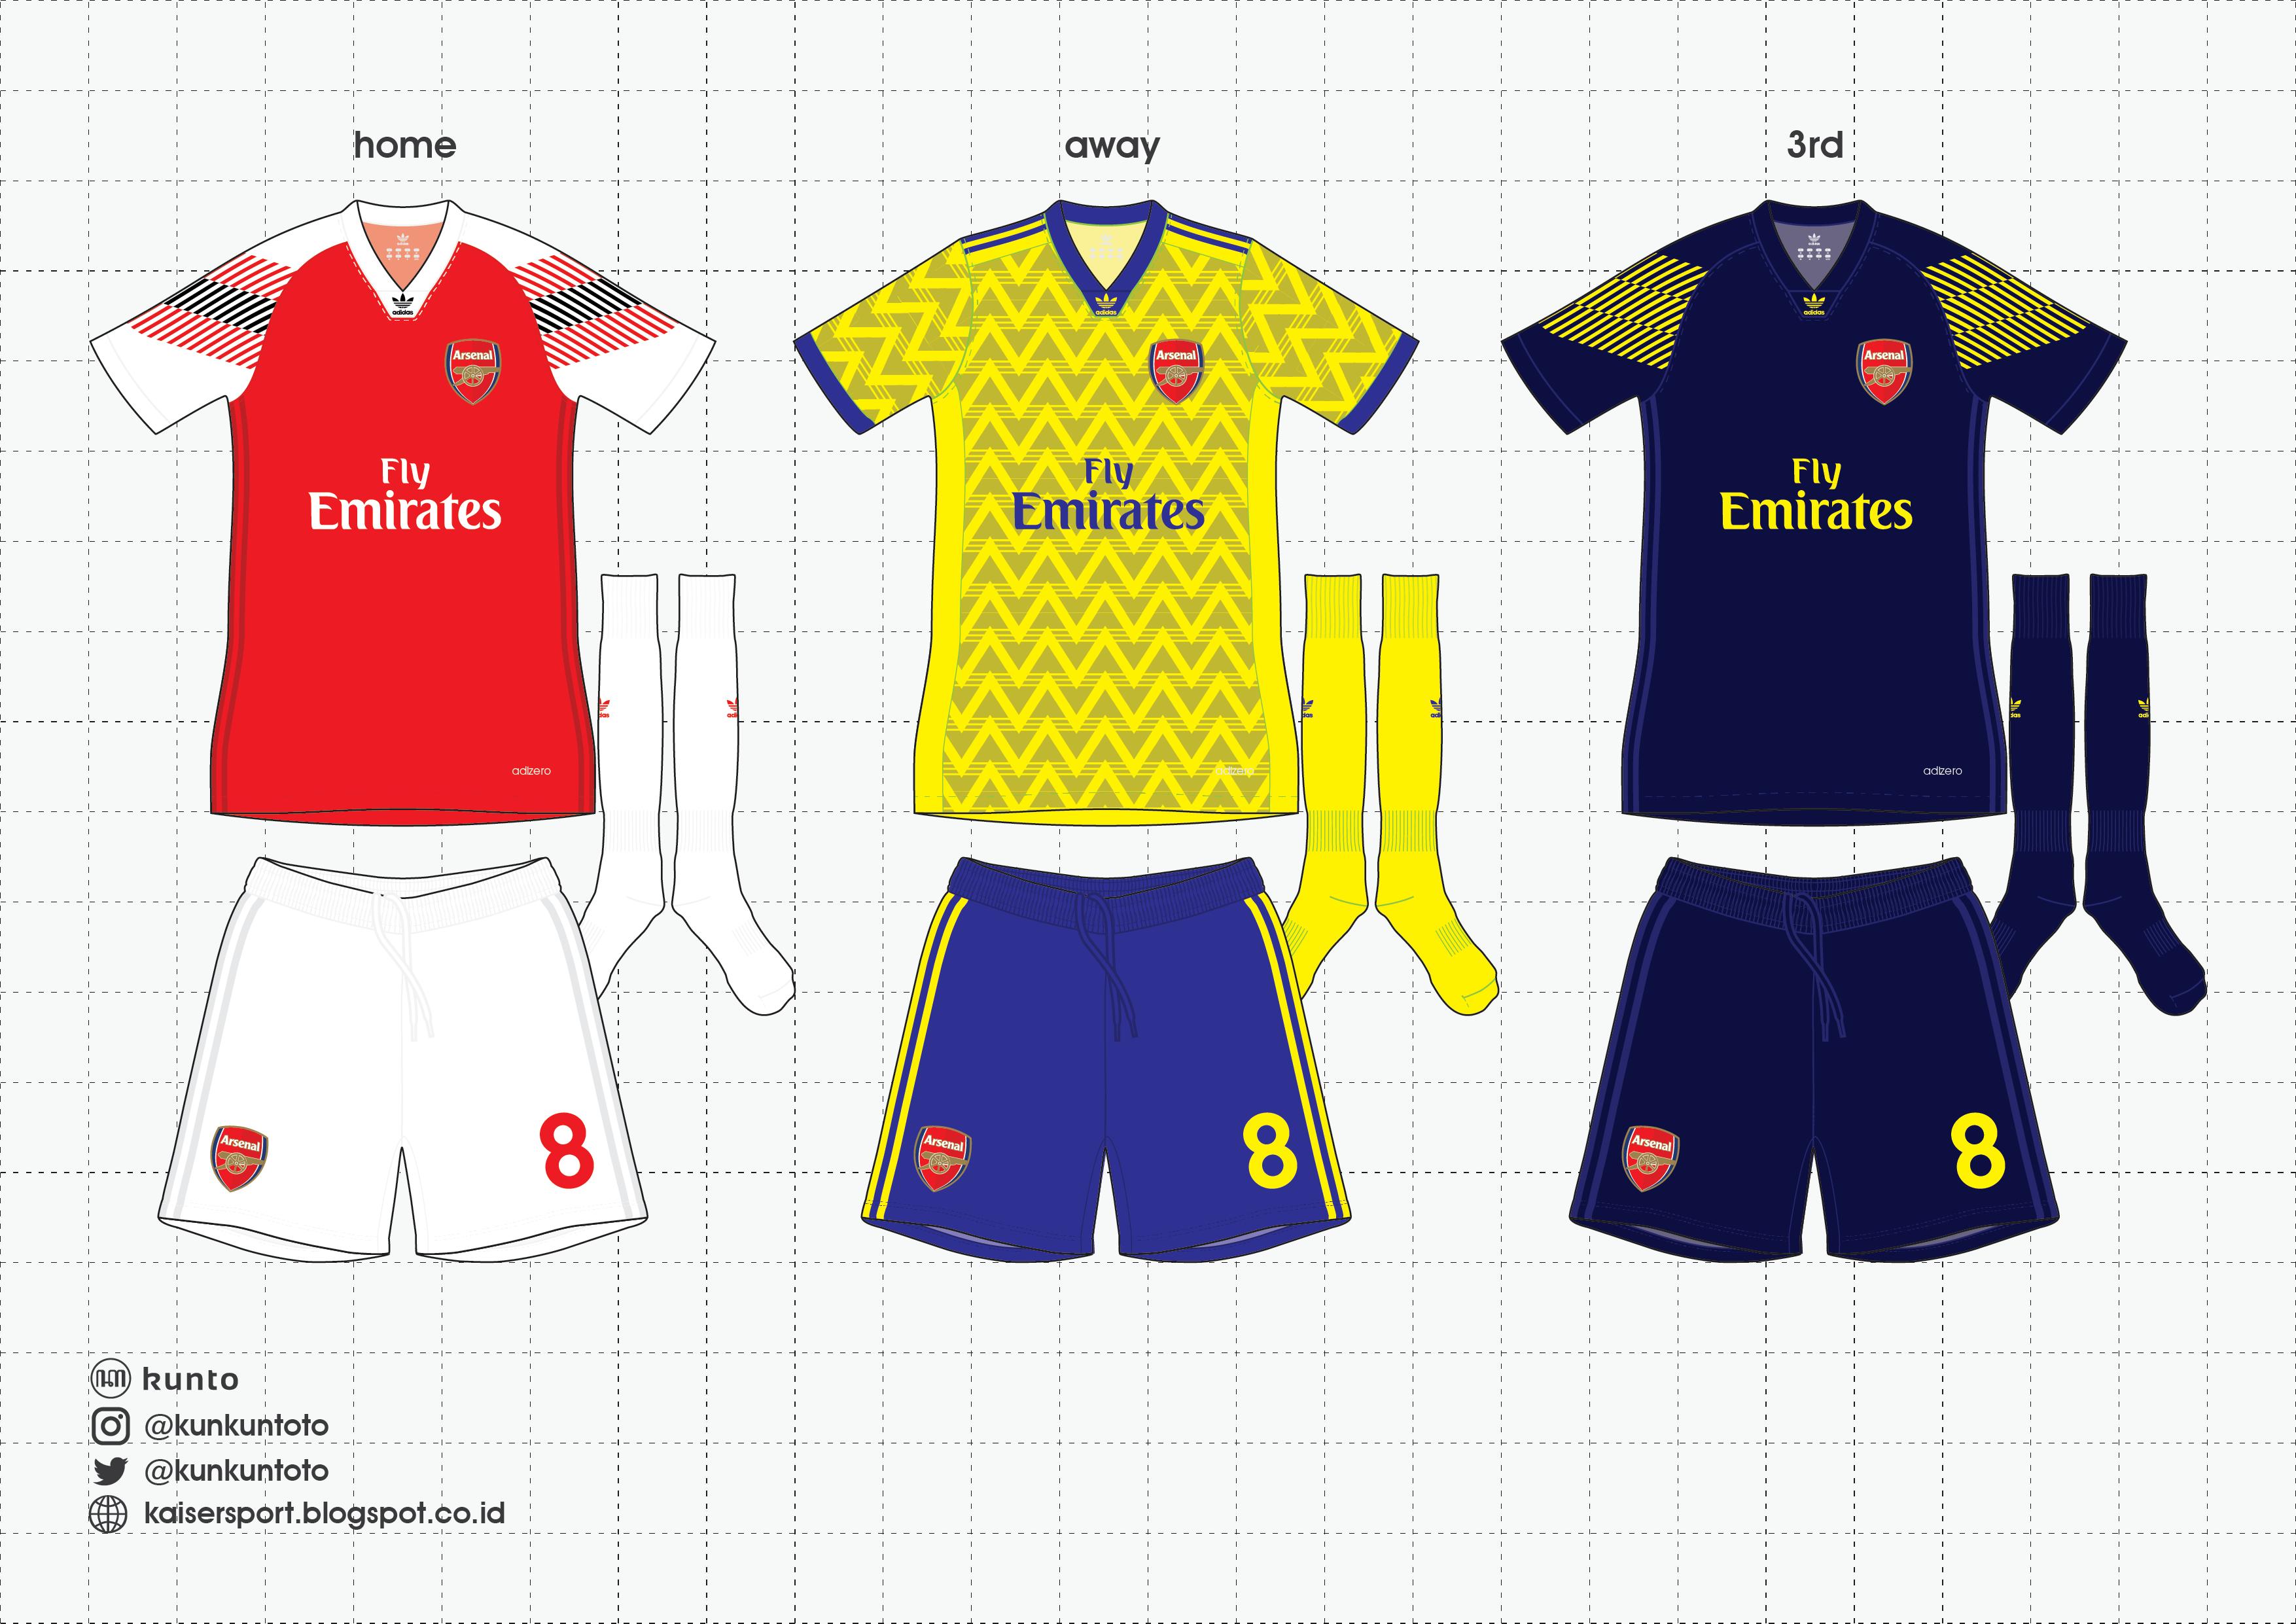 excepcional gama de estilos y colores fábrica límpido a la vista Arsenal x Adidas 2019-20